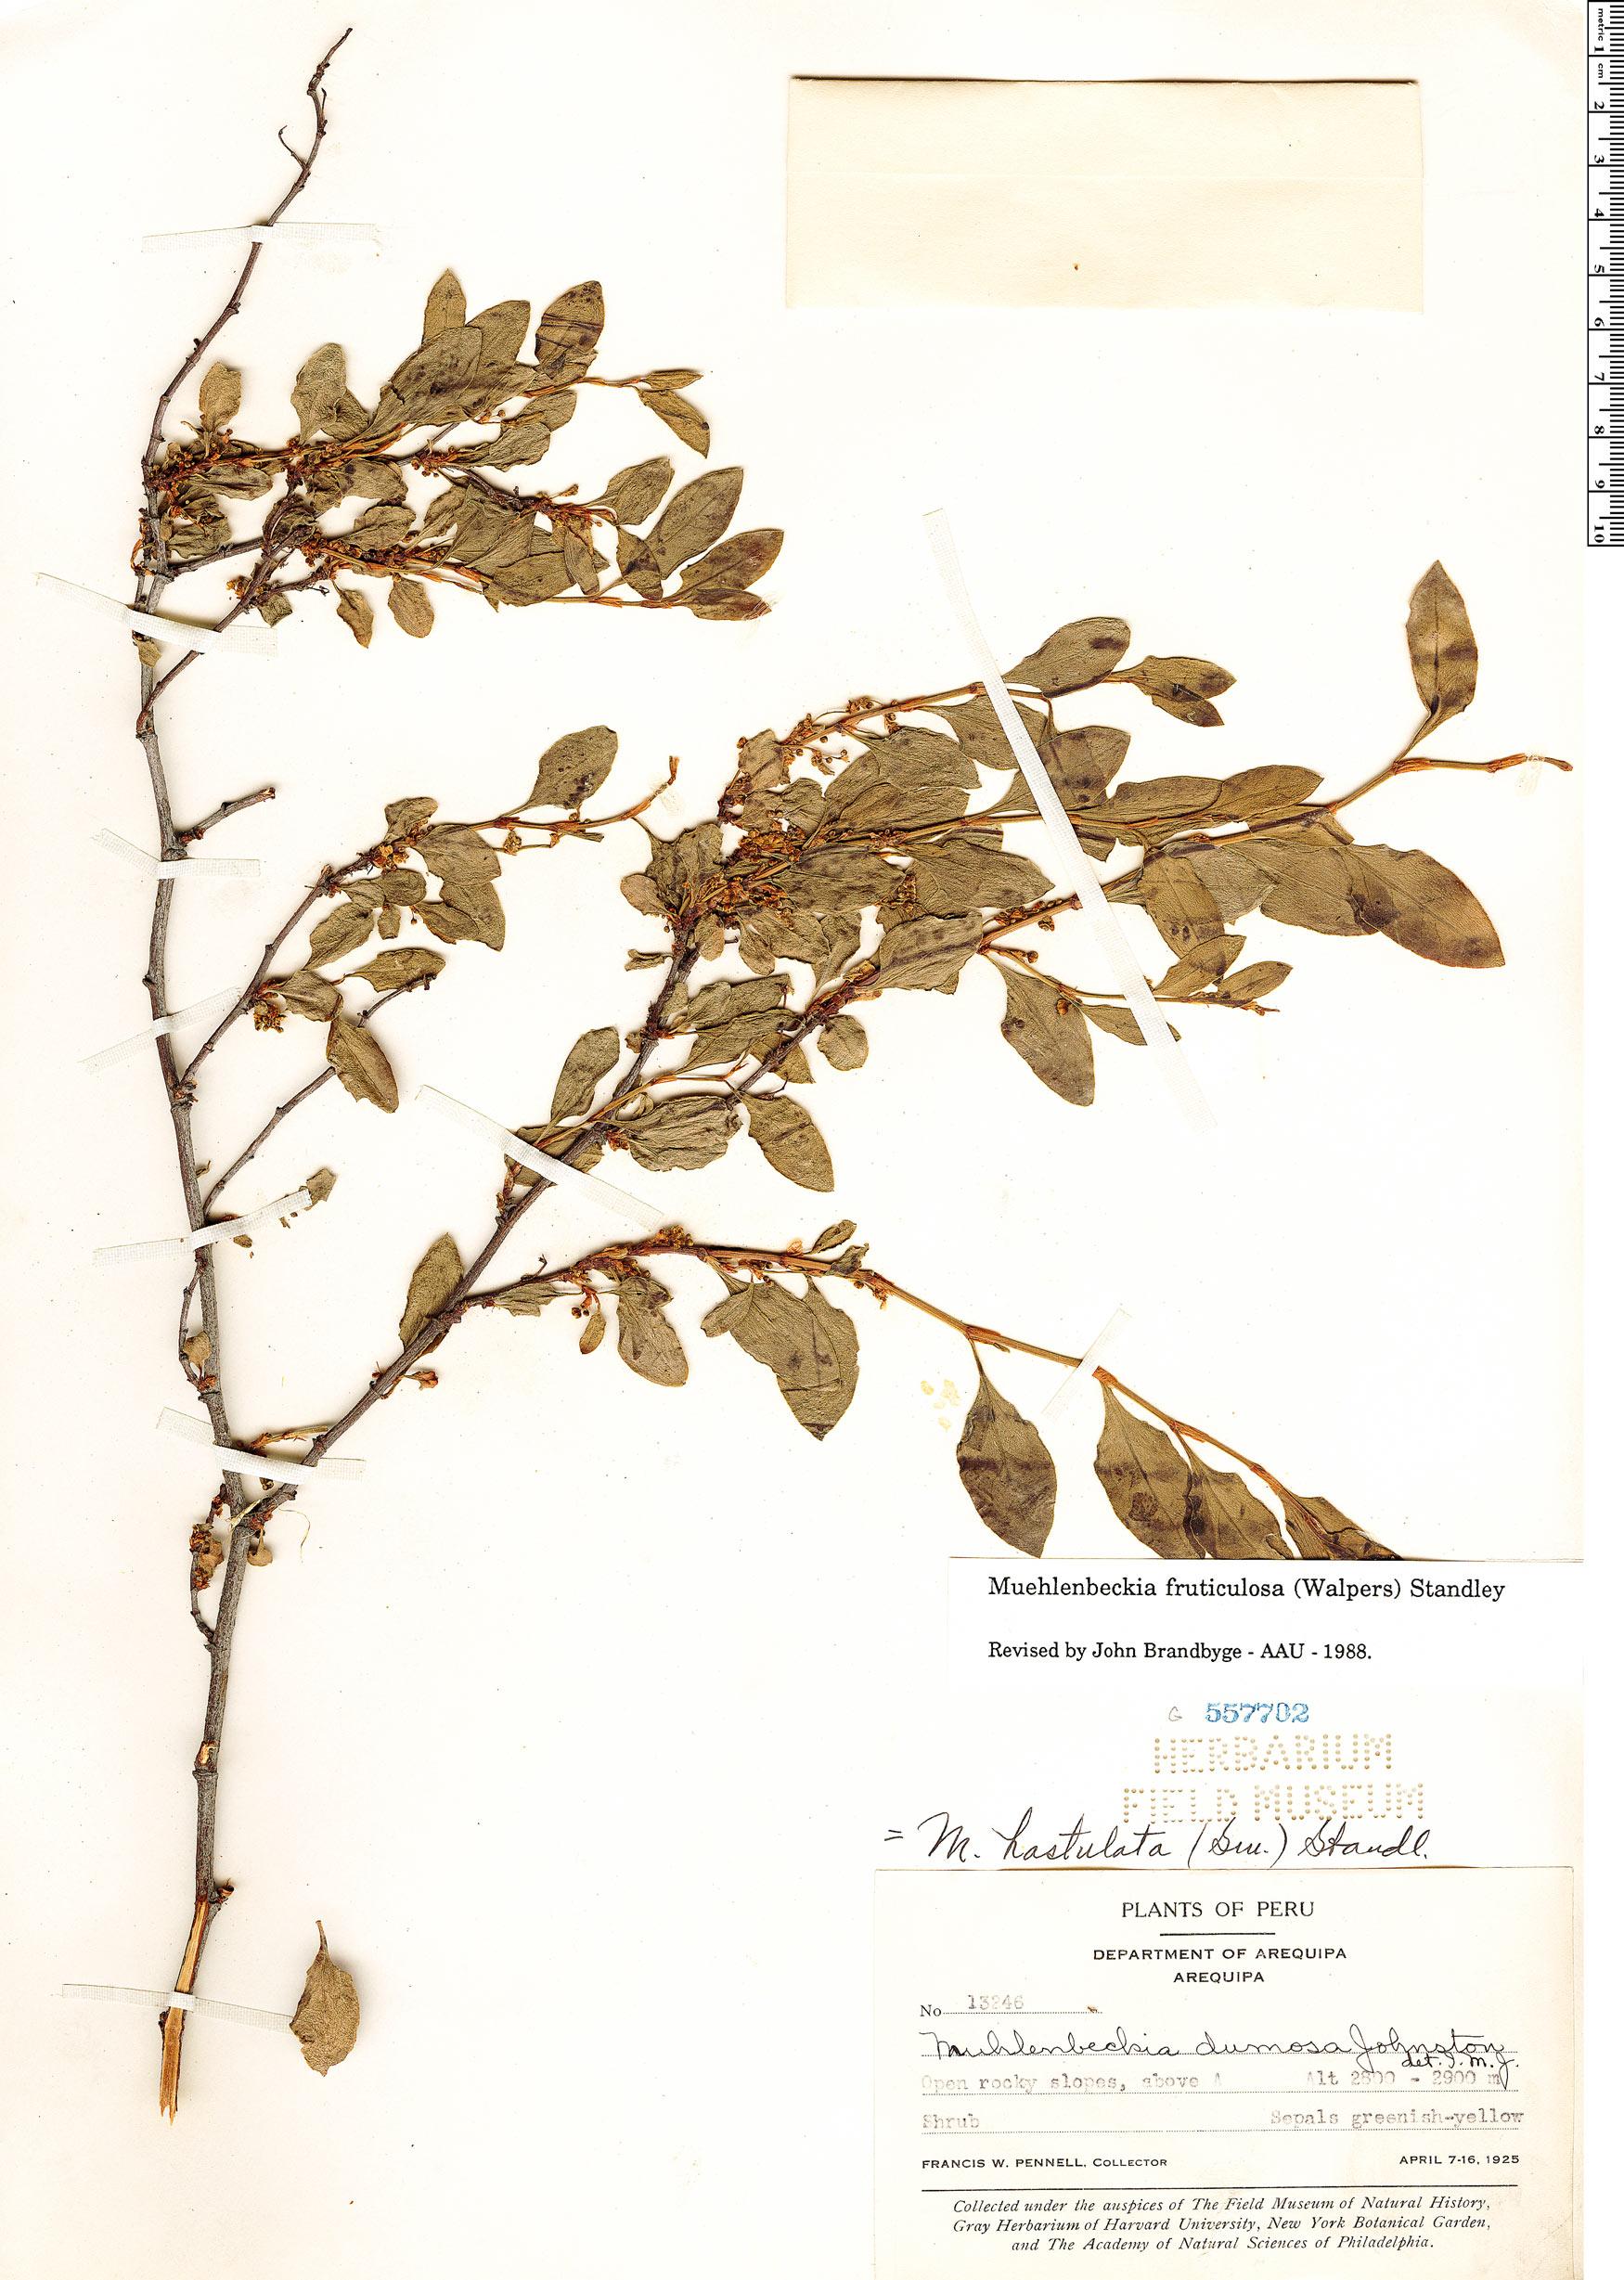 Specimen: Muehlenbeckia fruticulosa